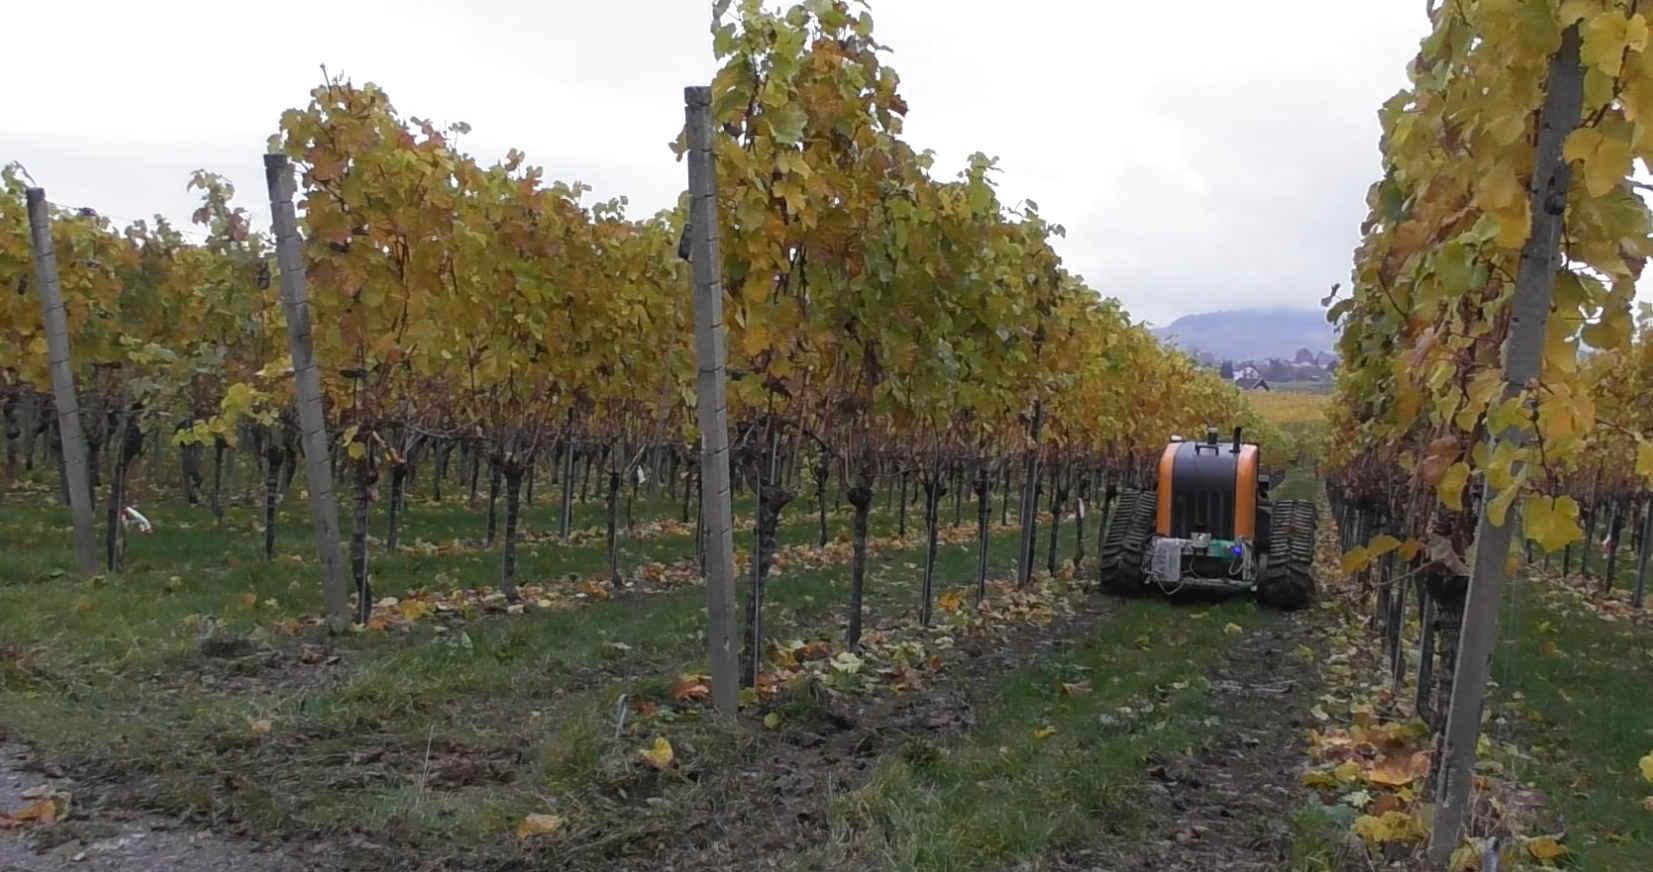 Die autonome Raupe während des Einsatzes im Weinberg